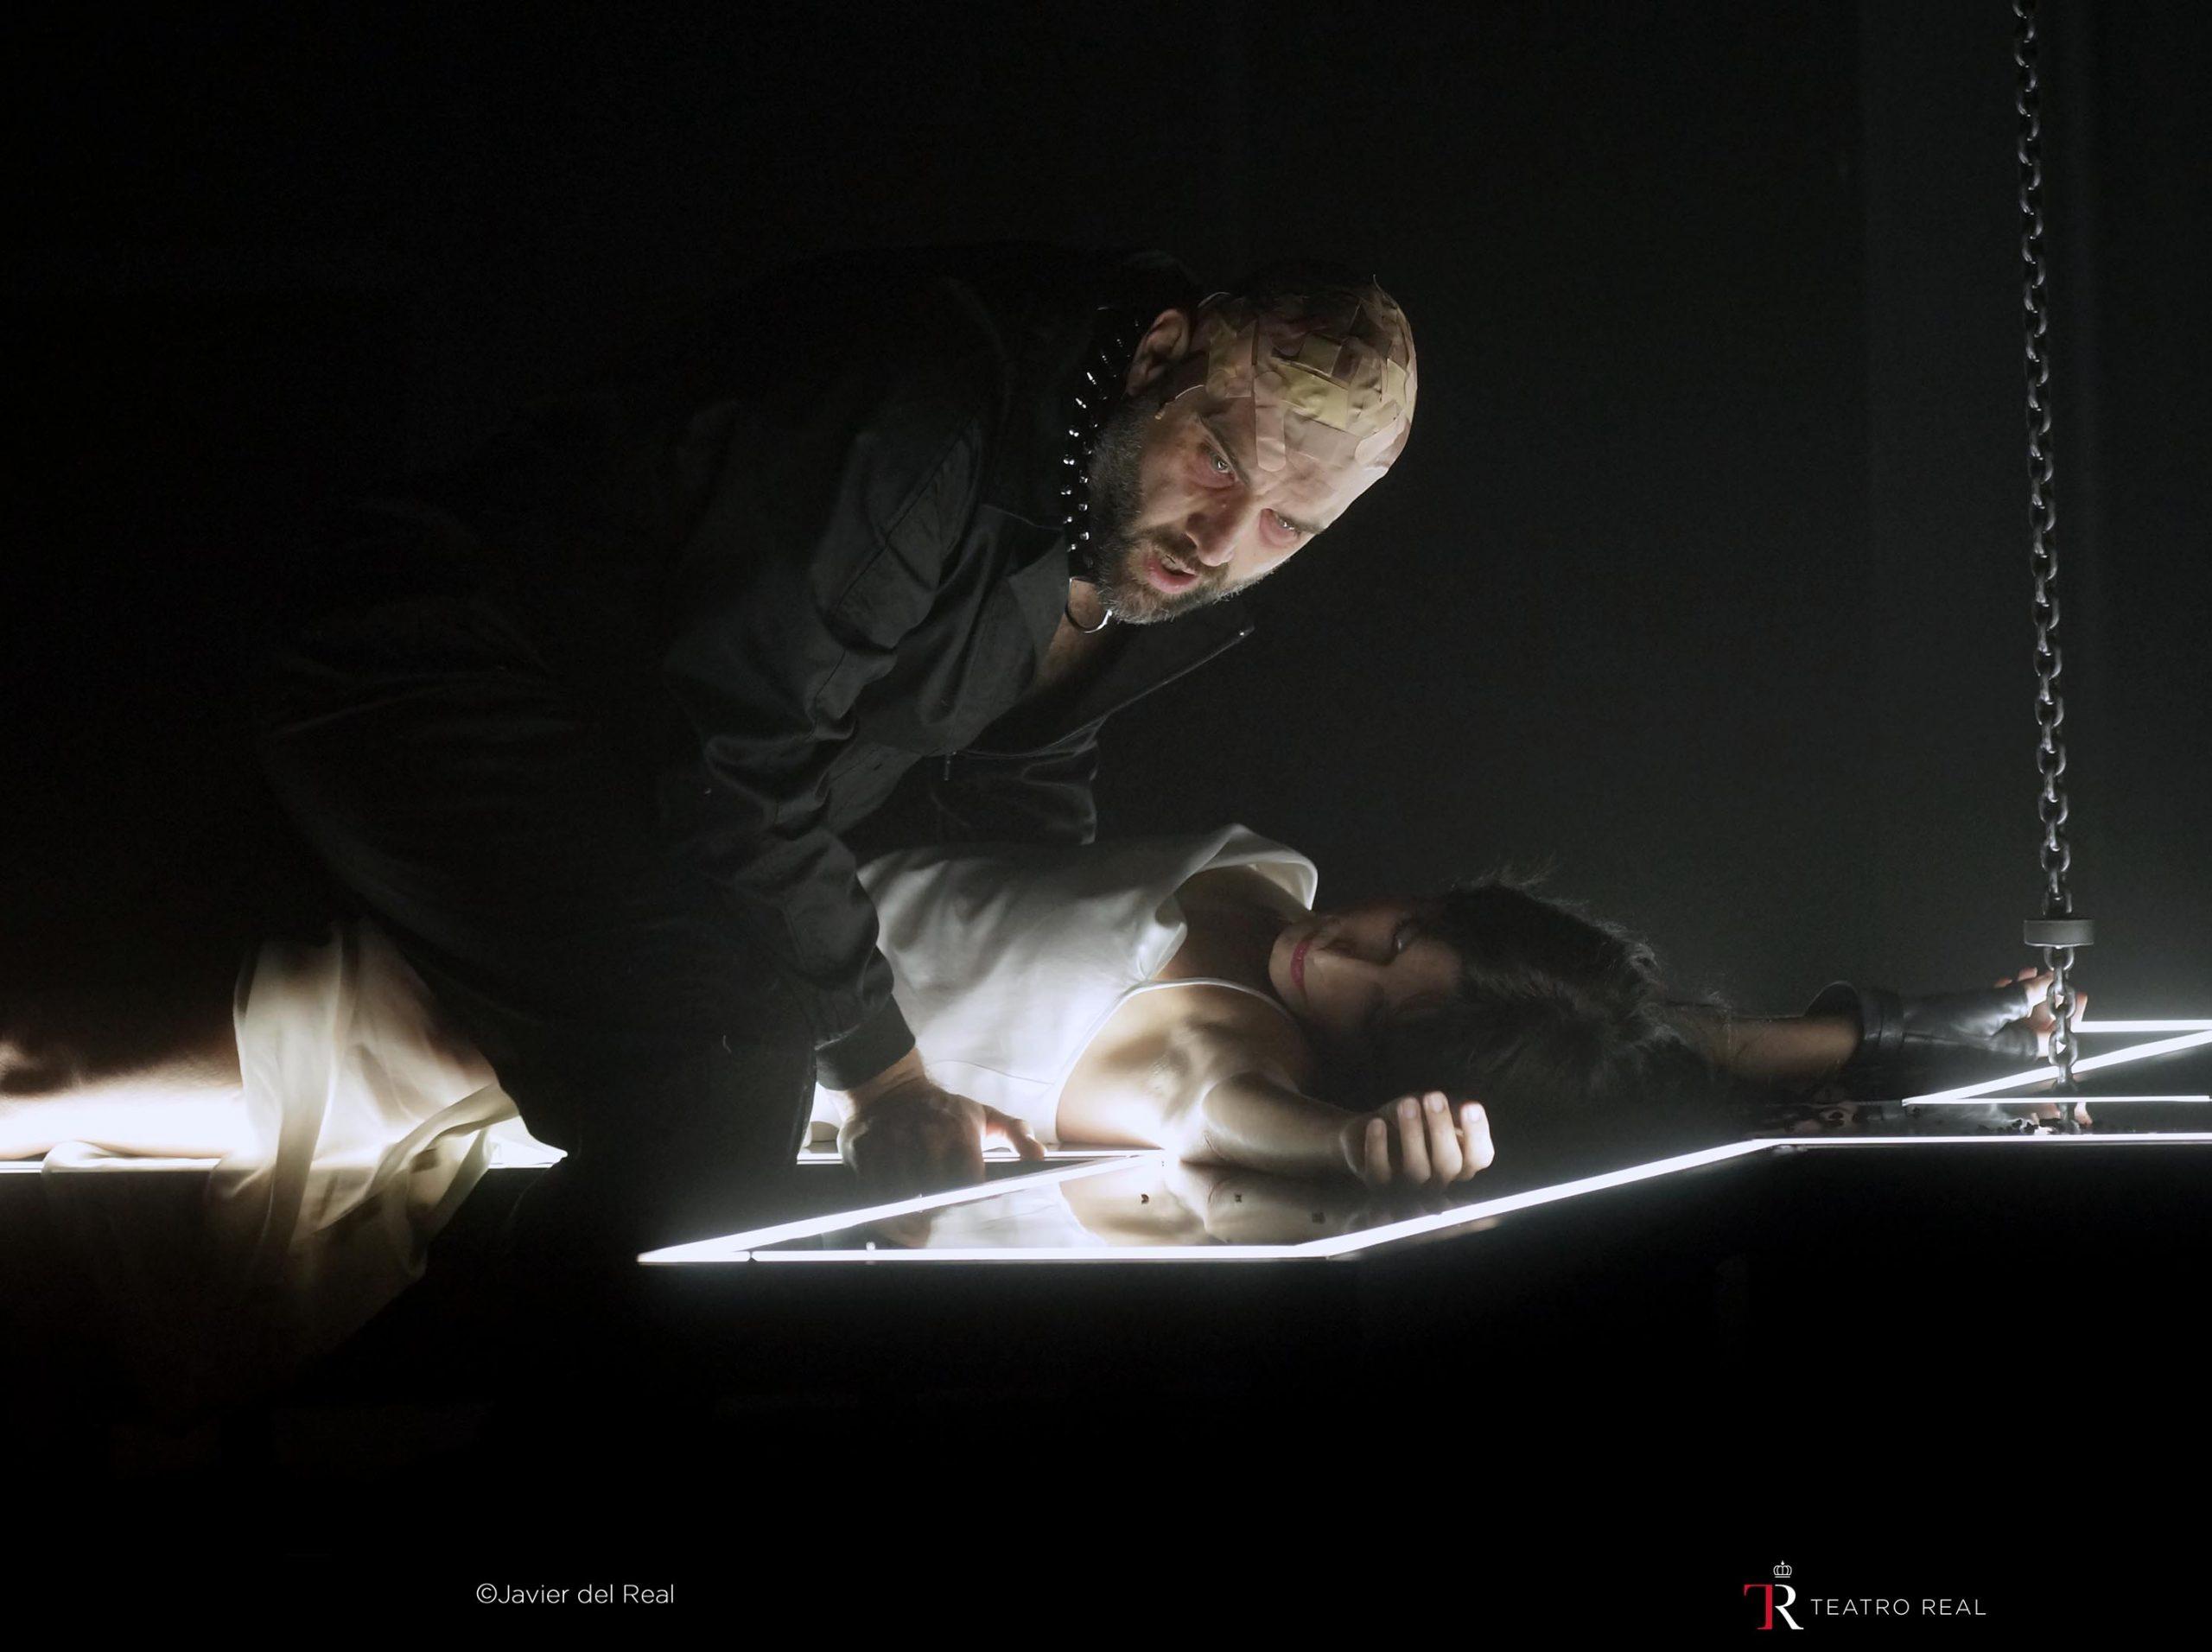 Les Arts se adentra en el Verdi bufo con 'Falstaff' en una producción de Mario Martone con dirección musical de James Gaffigan